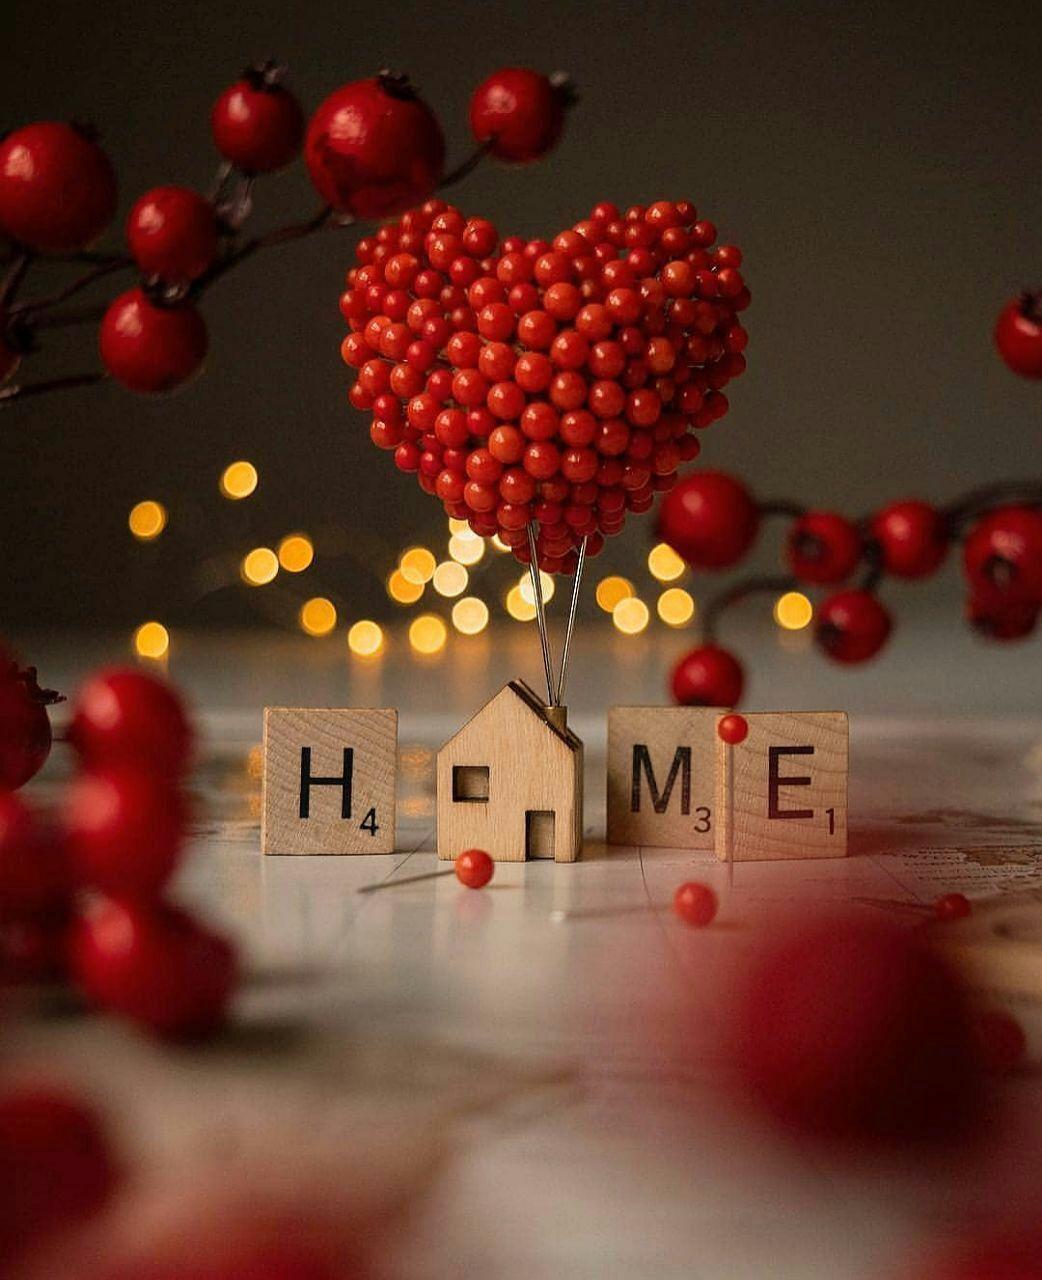 لو كنت أستطيع أن ألمس قوس قزح لكتبت اسم أفراد عائلتي على قمته لأجعل الناس Holiday Quotes Christmas Dream Catcher Wallpaper Iphone Heart Wallpaper